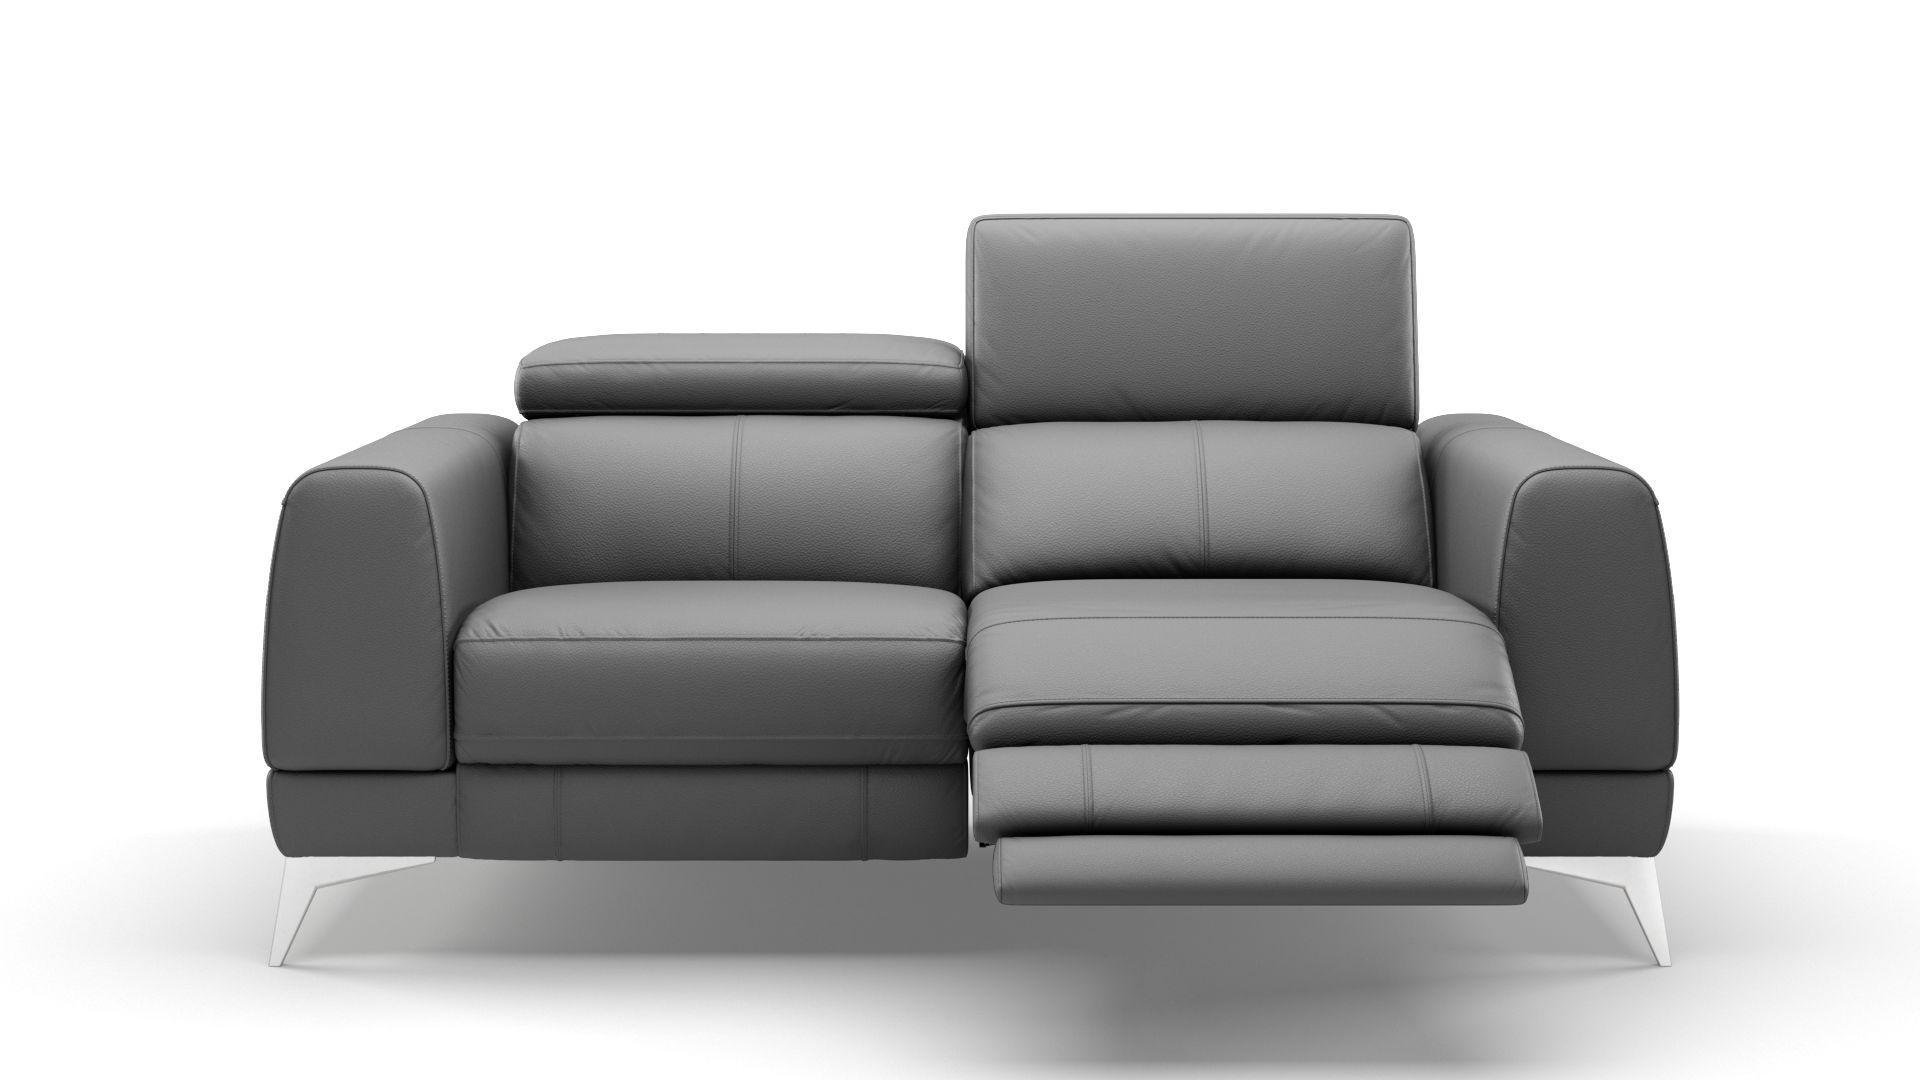 3 Sitzer Sofa Mit Funktion